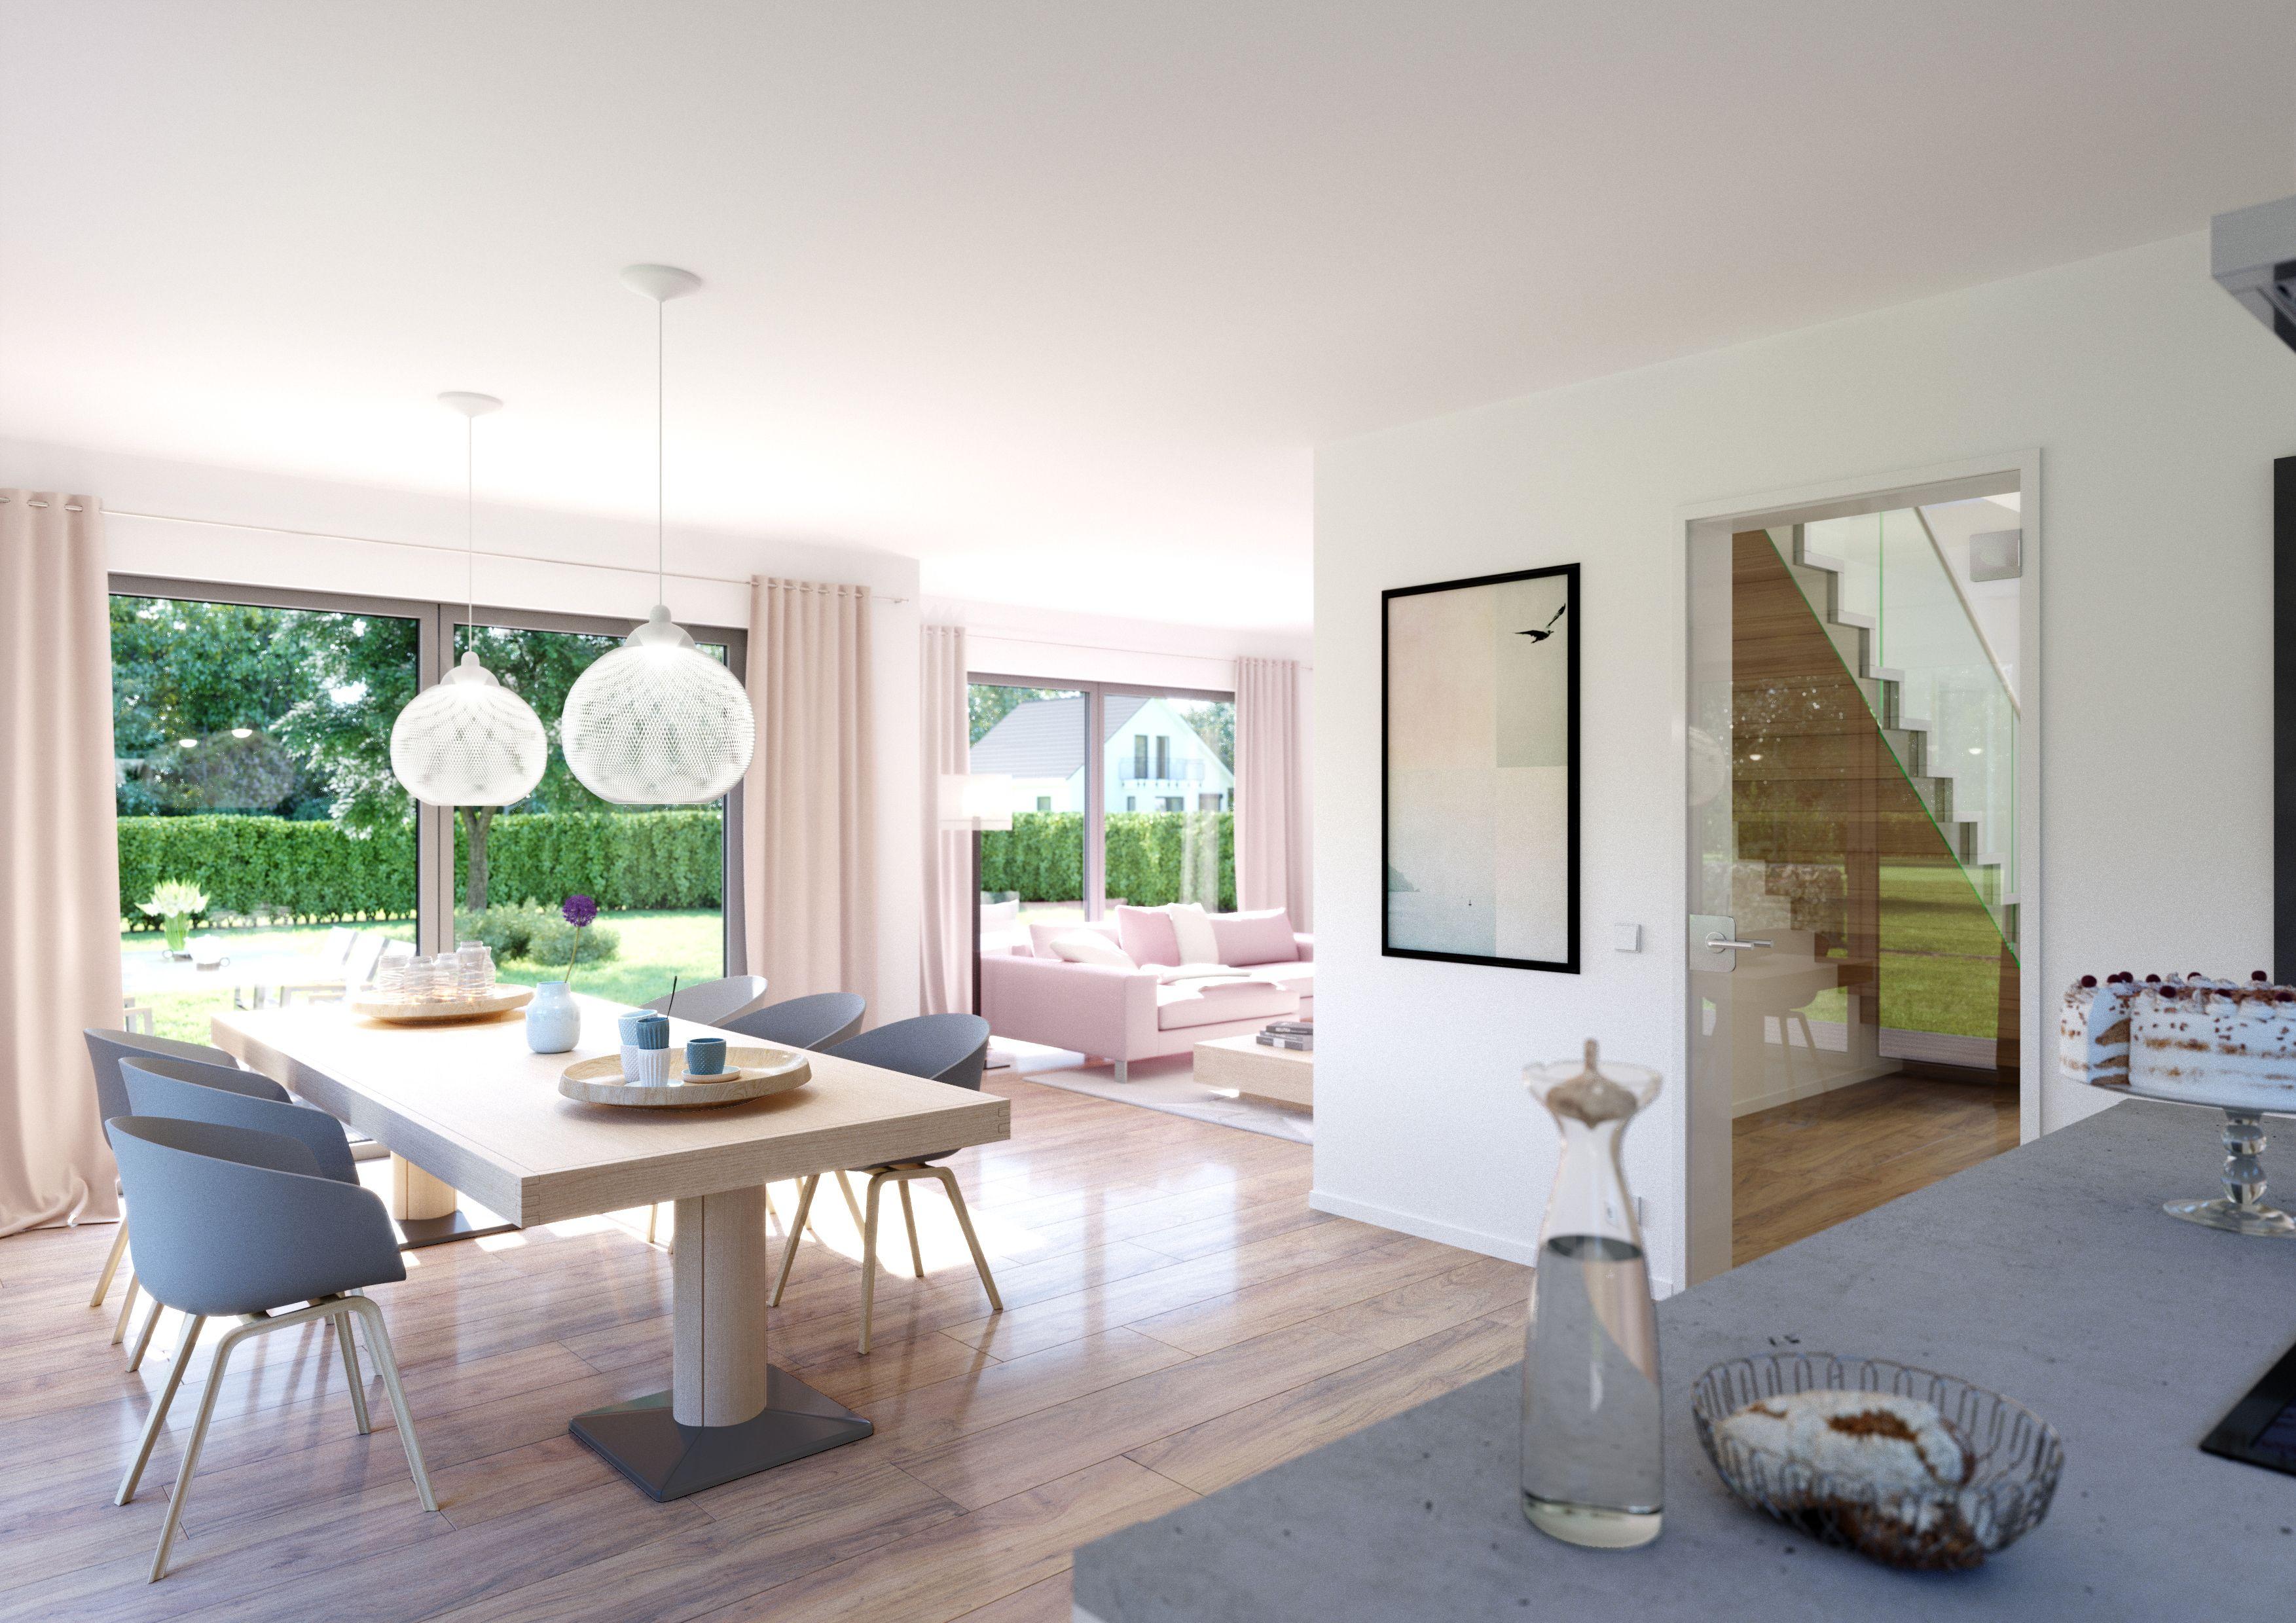 Offene Küche Mit Wohnzimmer Einrichten   Siematic Küche   Die Moderne Küche   Freshouse